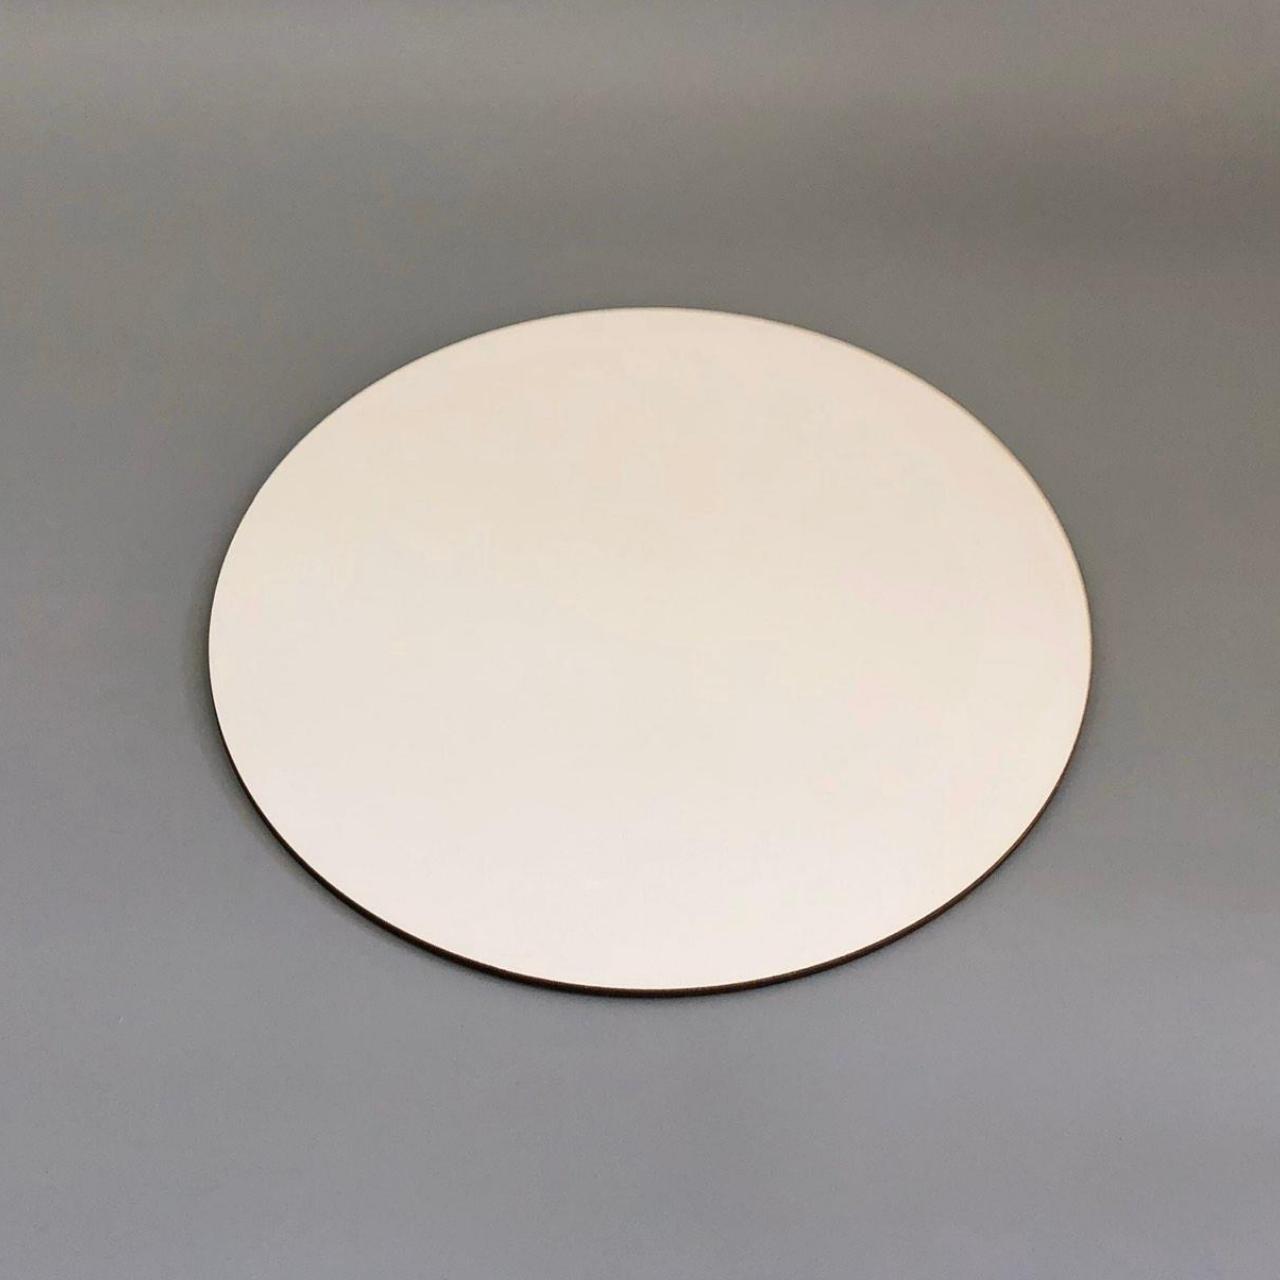 Посилена підложка під торт ∅-200 мм, біла - ДВП 3 мм